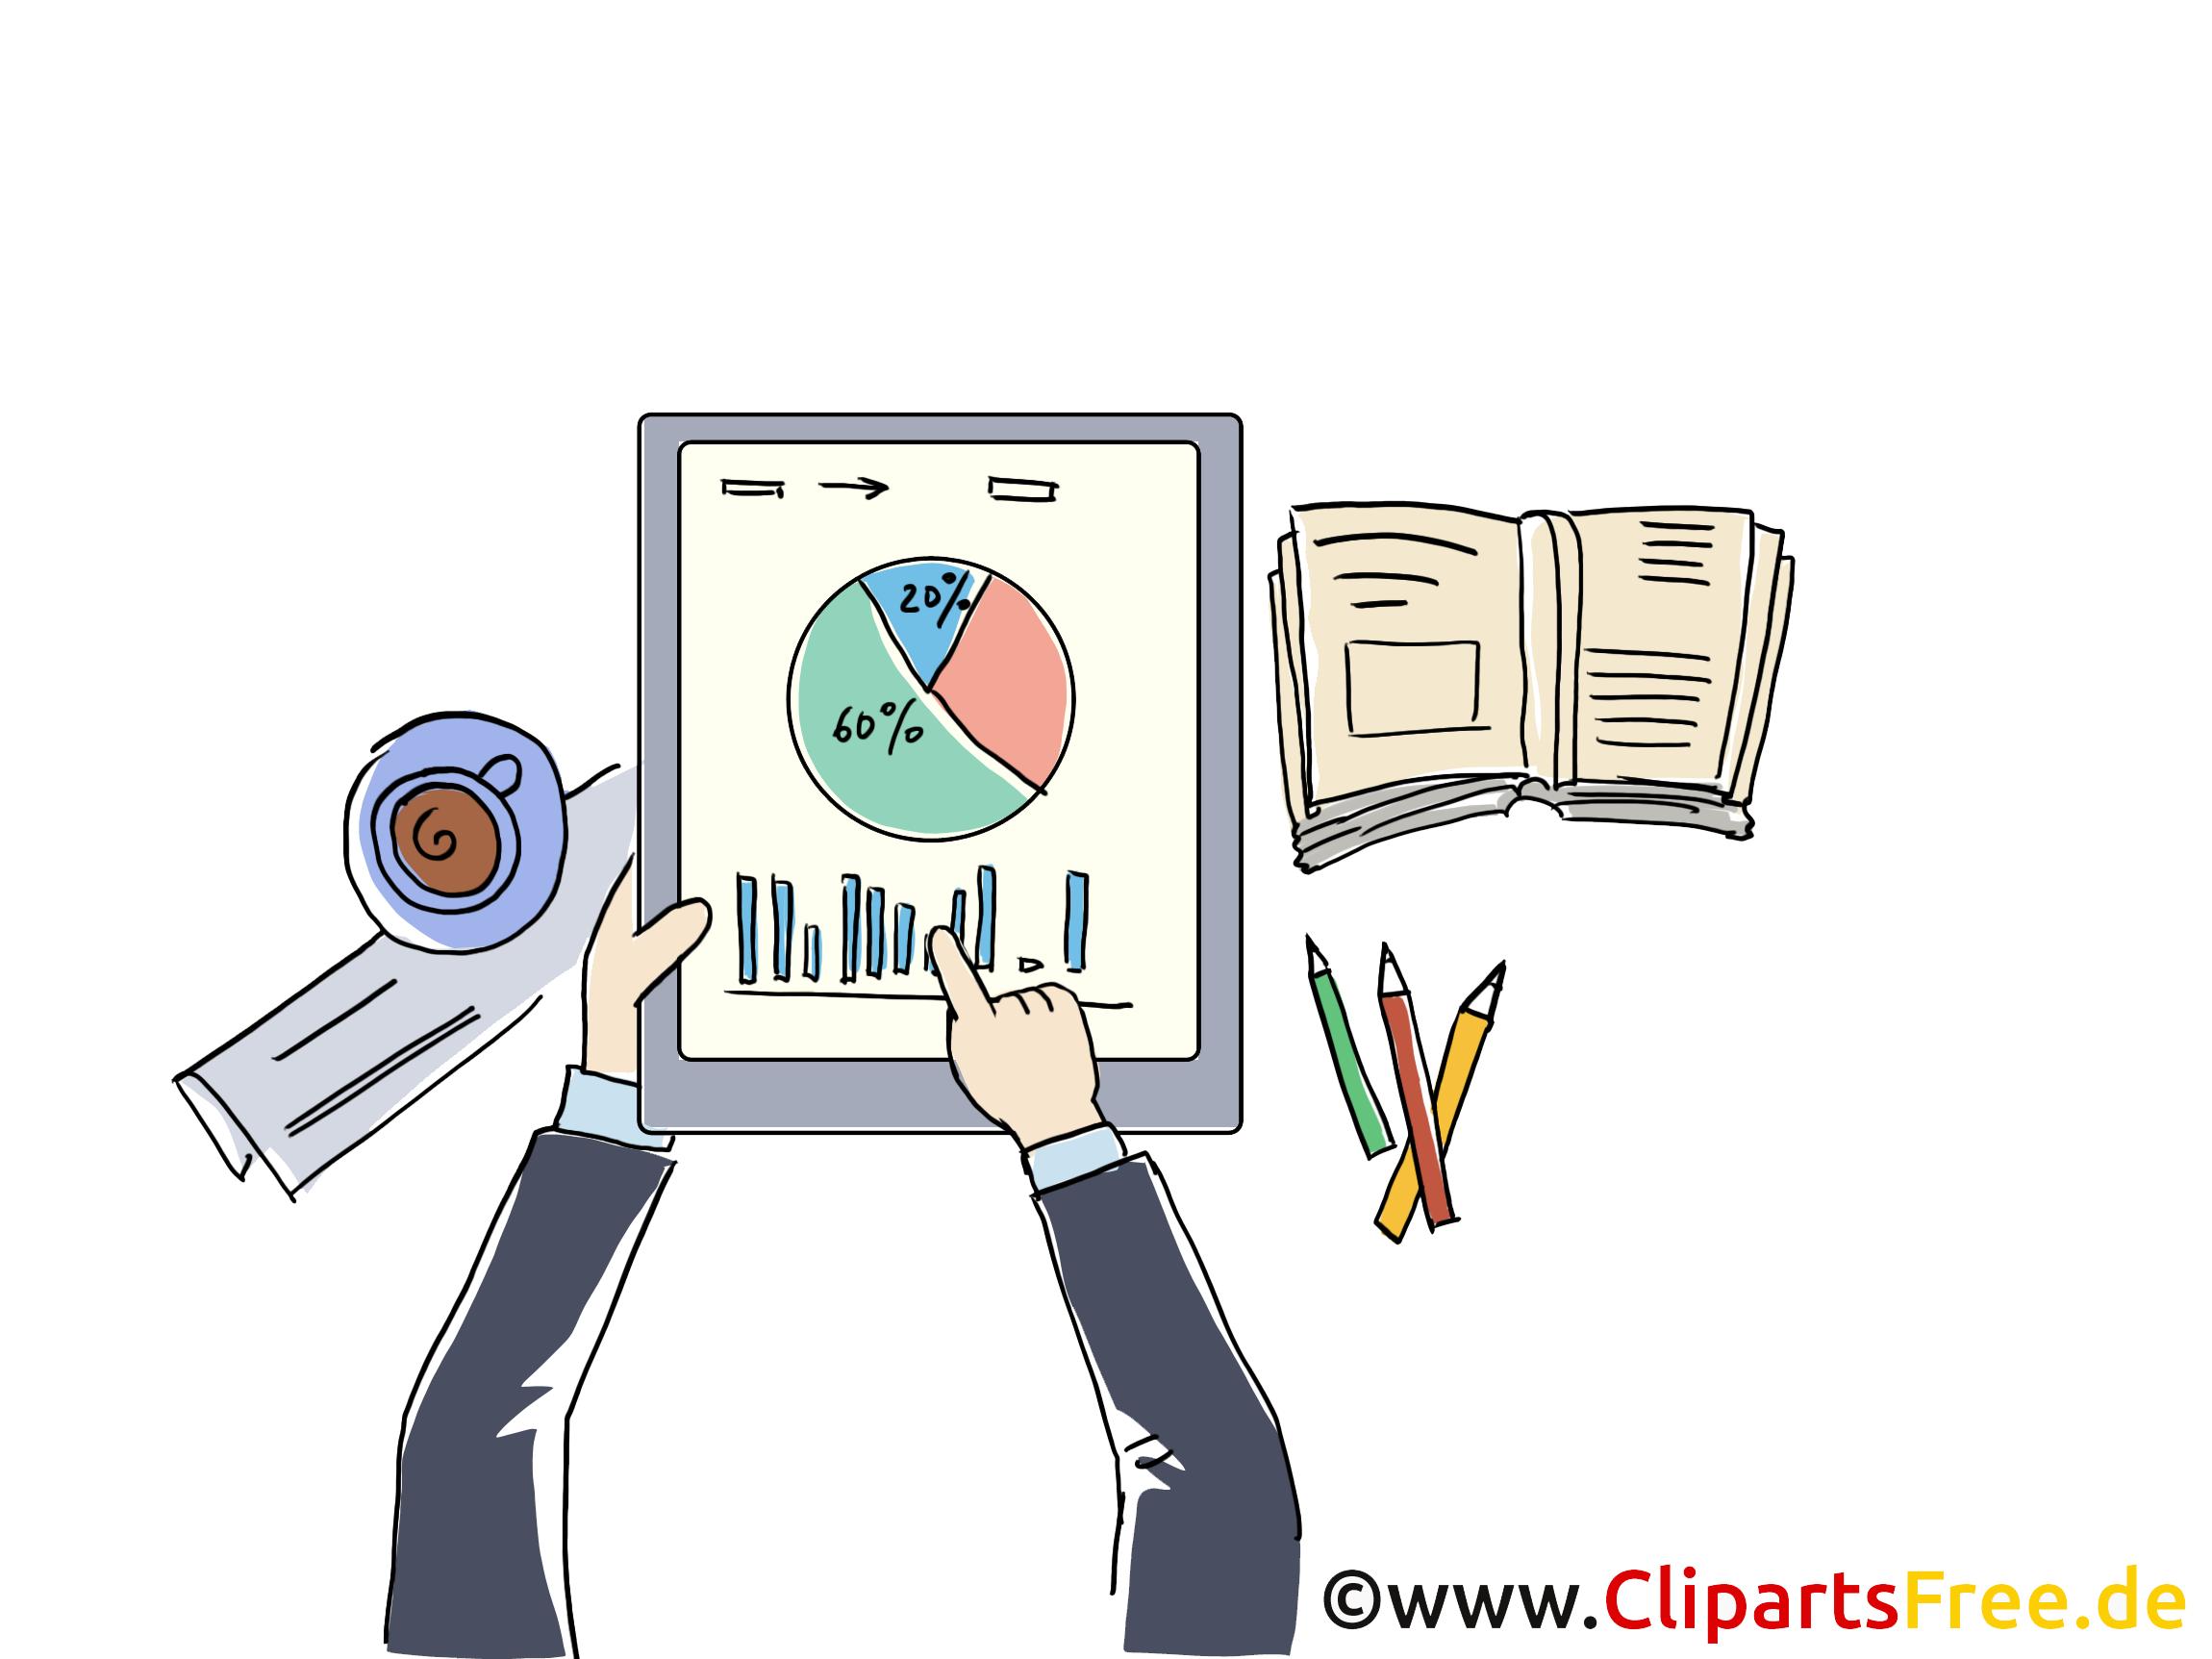 Présentation clip arts gratuits – Finances illustrations